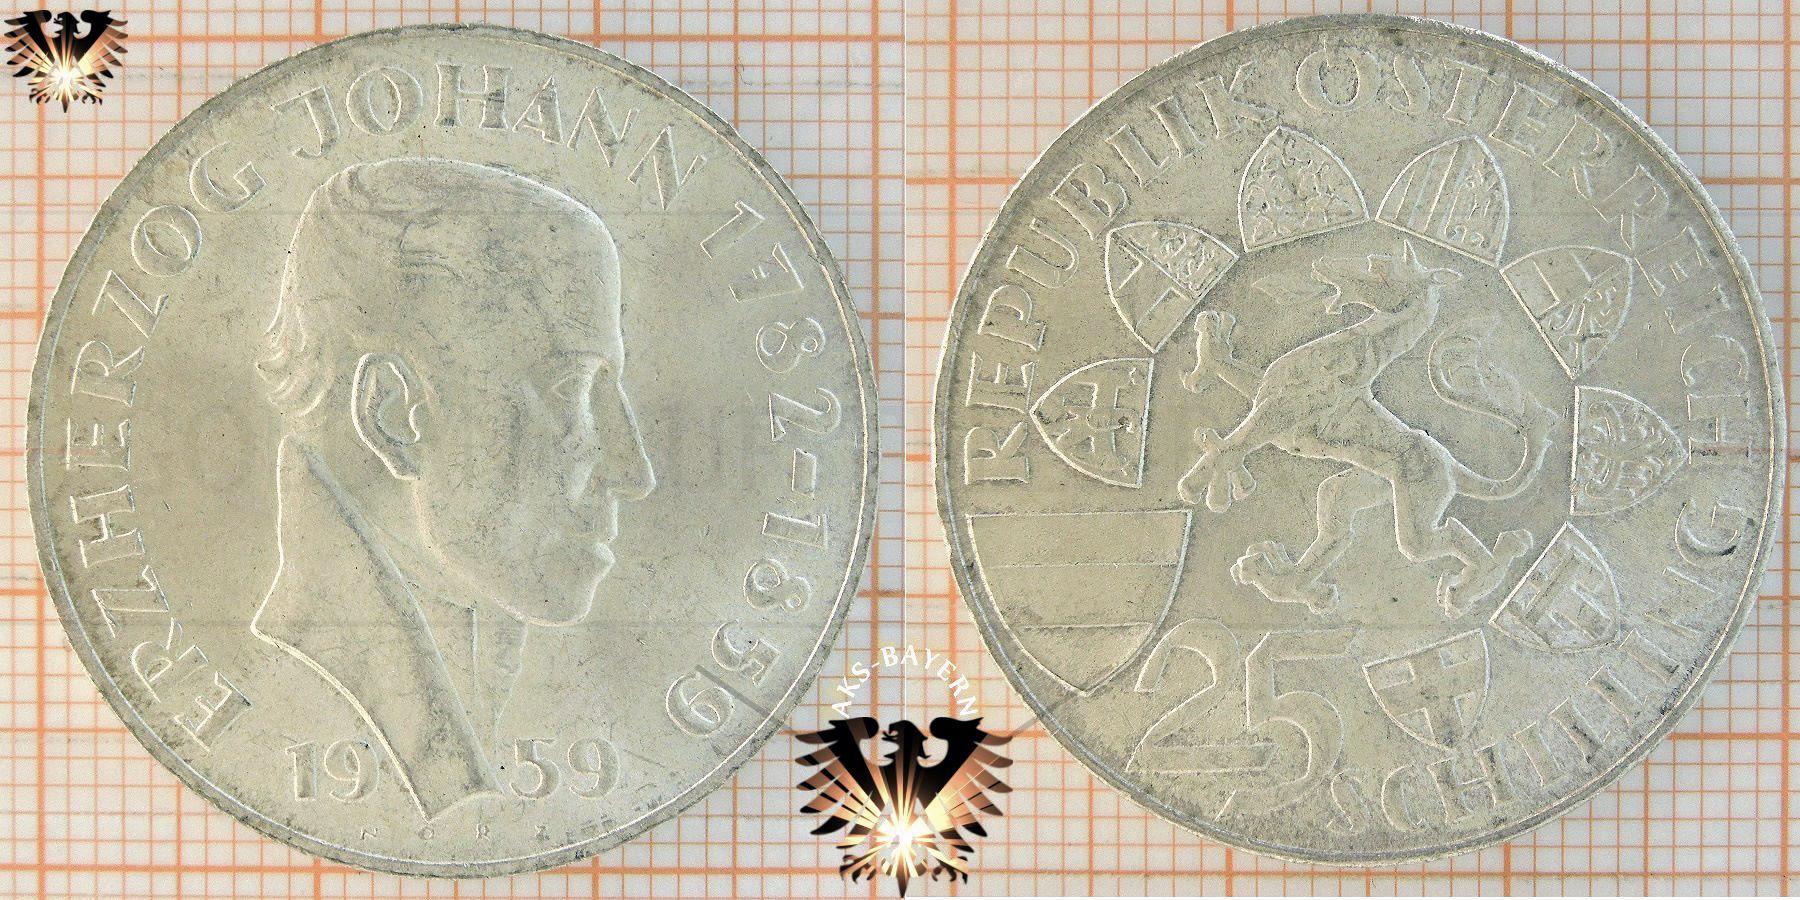 25 Schilling 1959 Erzherzog Johann 1732 1850 Münze österreich